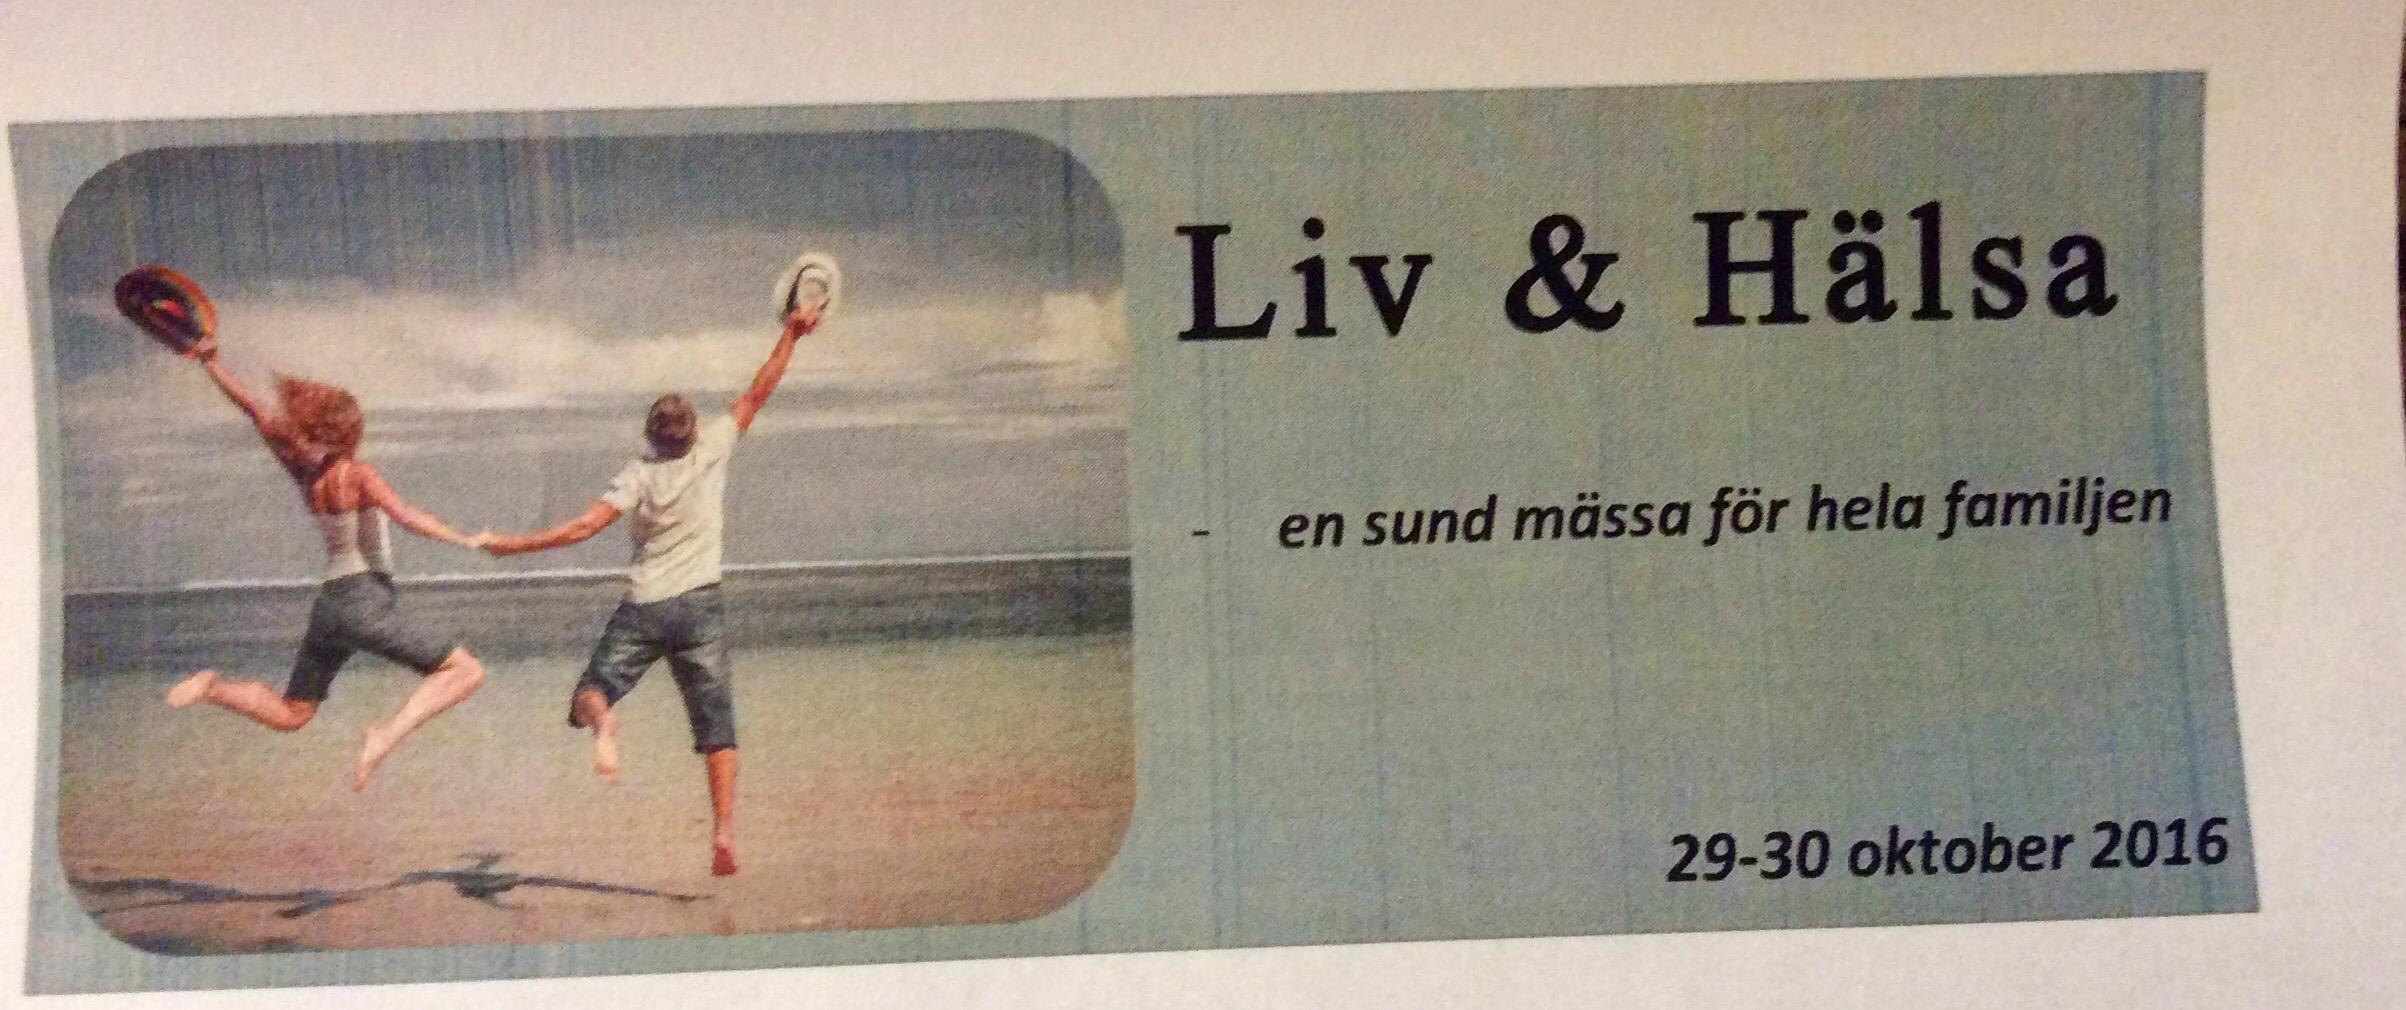 Mässan i Karlstad 29-30 oktober 2016